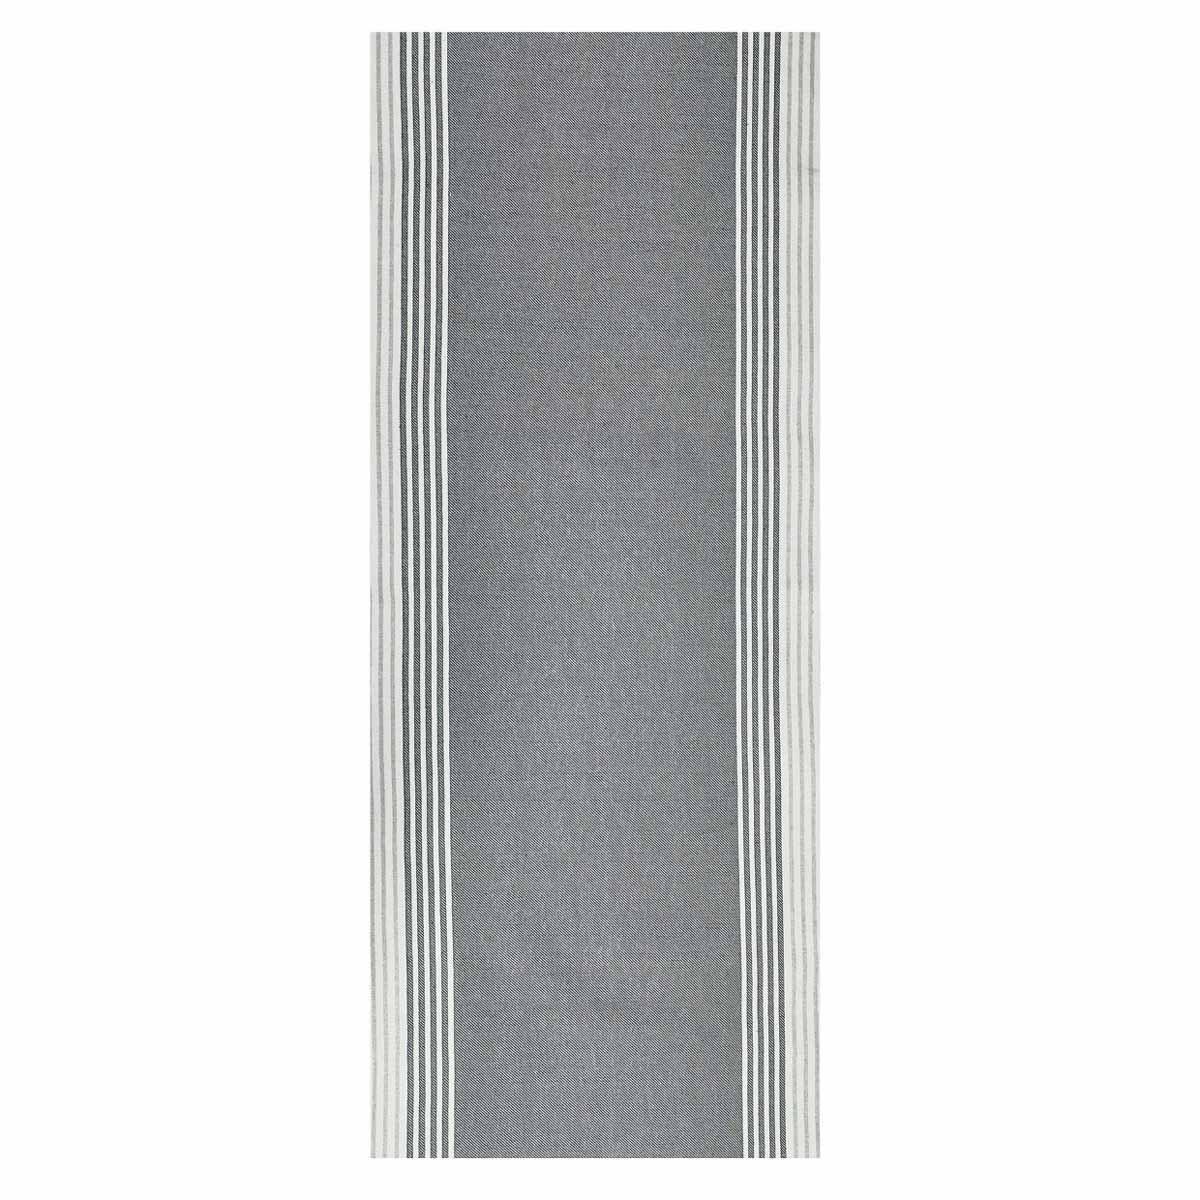 Τραβέρσες (Σετ 2τμχ) Kentia Loft Salt